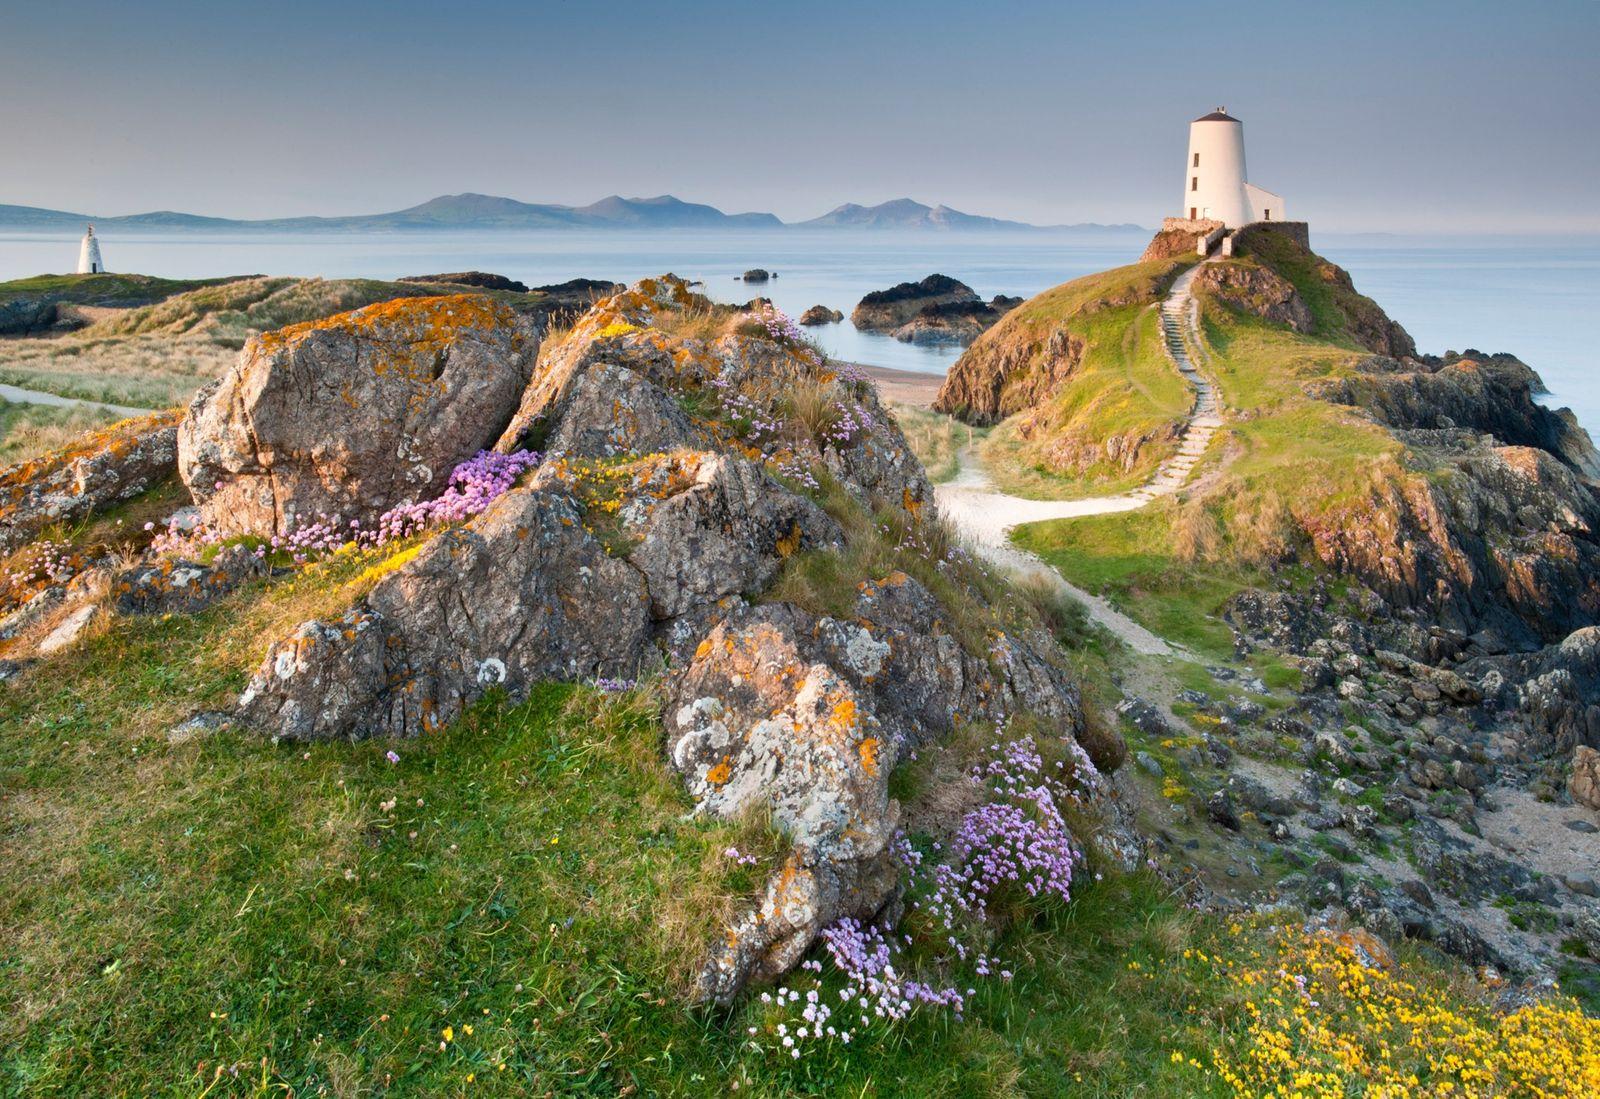 O farol Twr Mawr, em Anglesey, no Reino Unido, é uma paragem obrigatória ao longo da ...